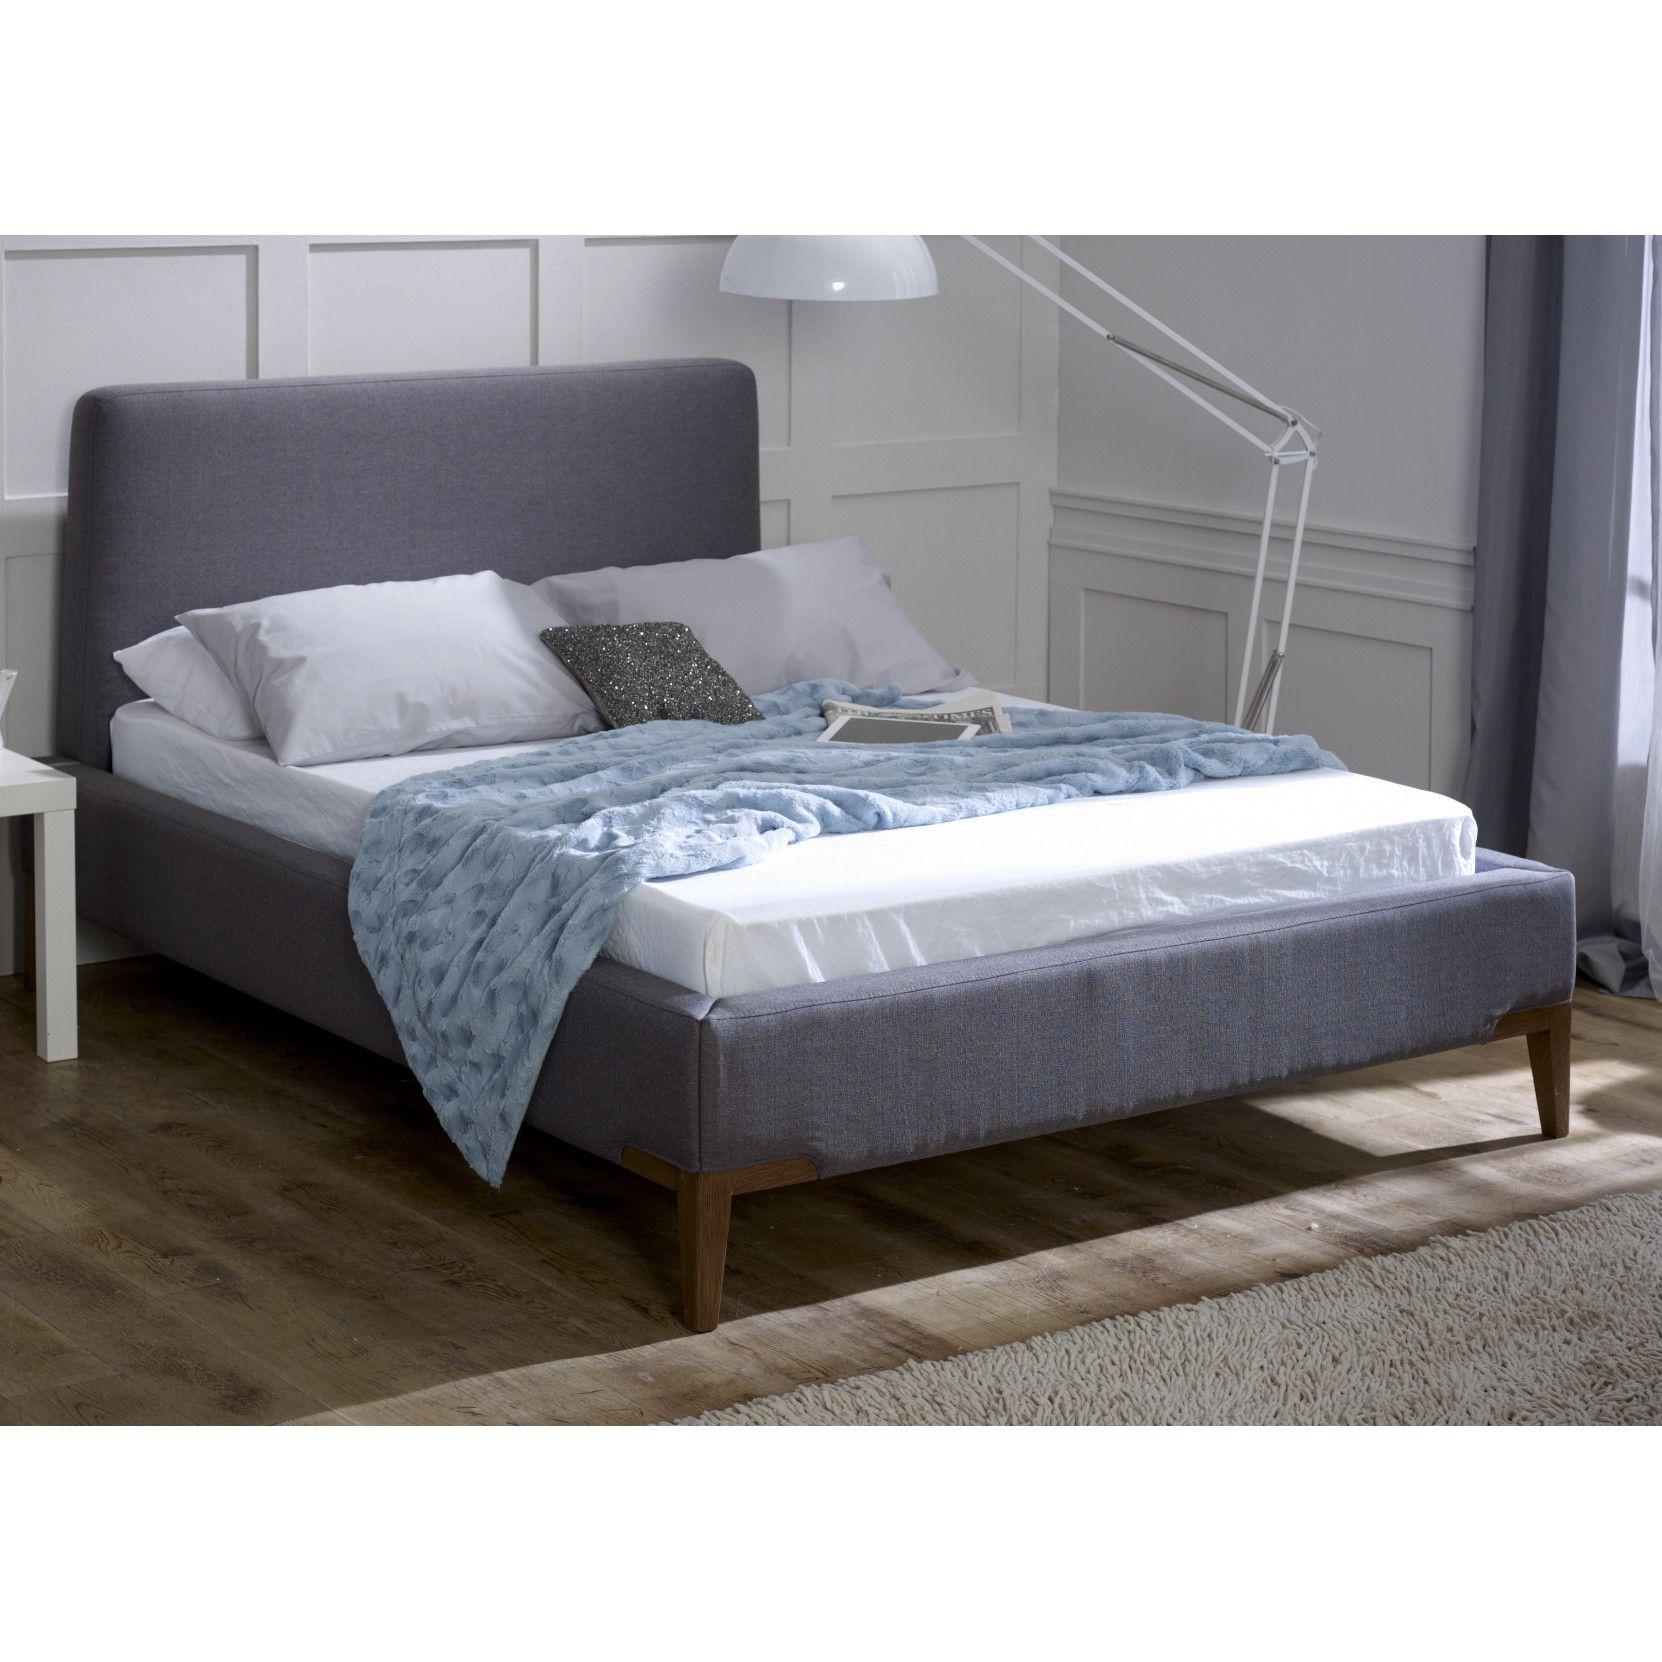 Emerald Upholstered Bed Frame Upholstered bed frame, Bed